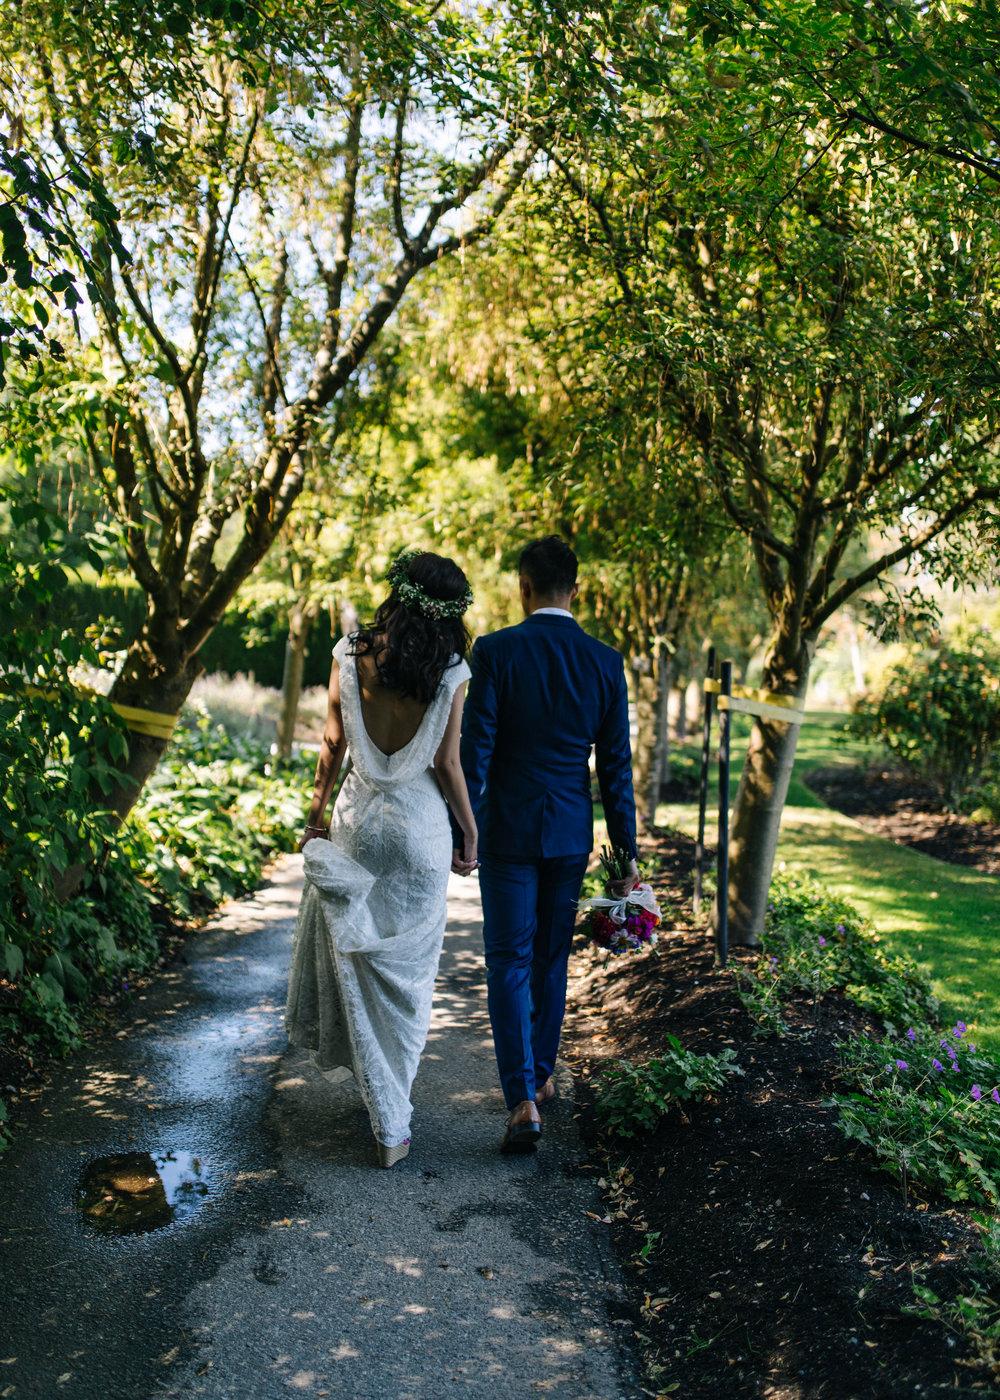 hera-film-van-dusen-wedding-bella-james-64.jpg